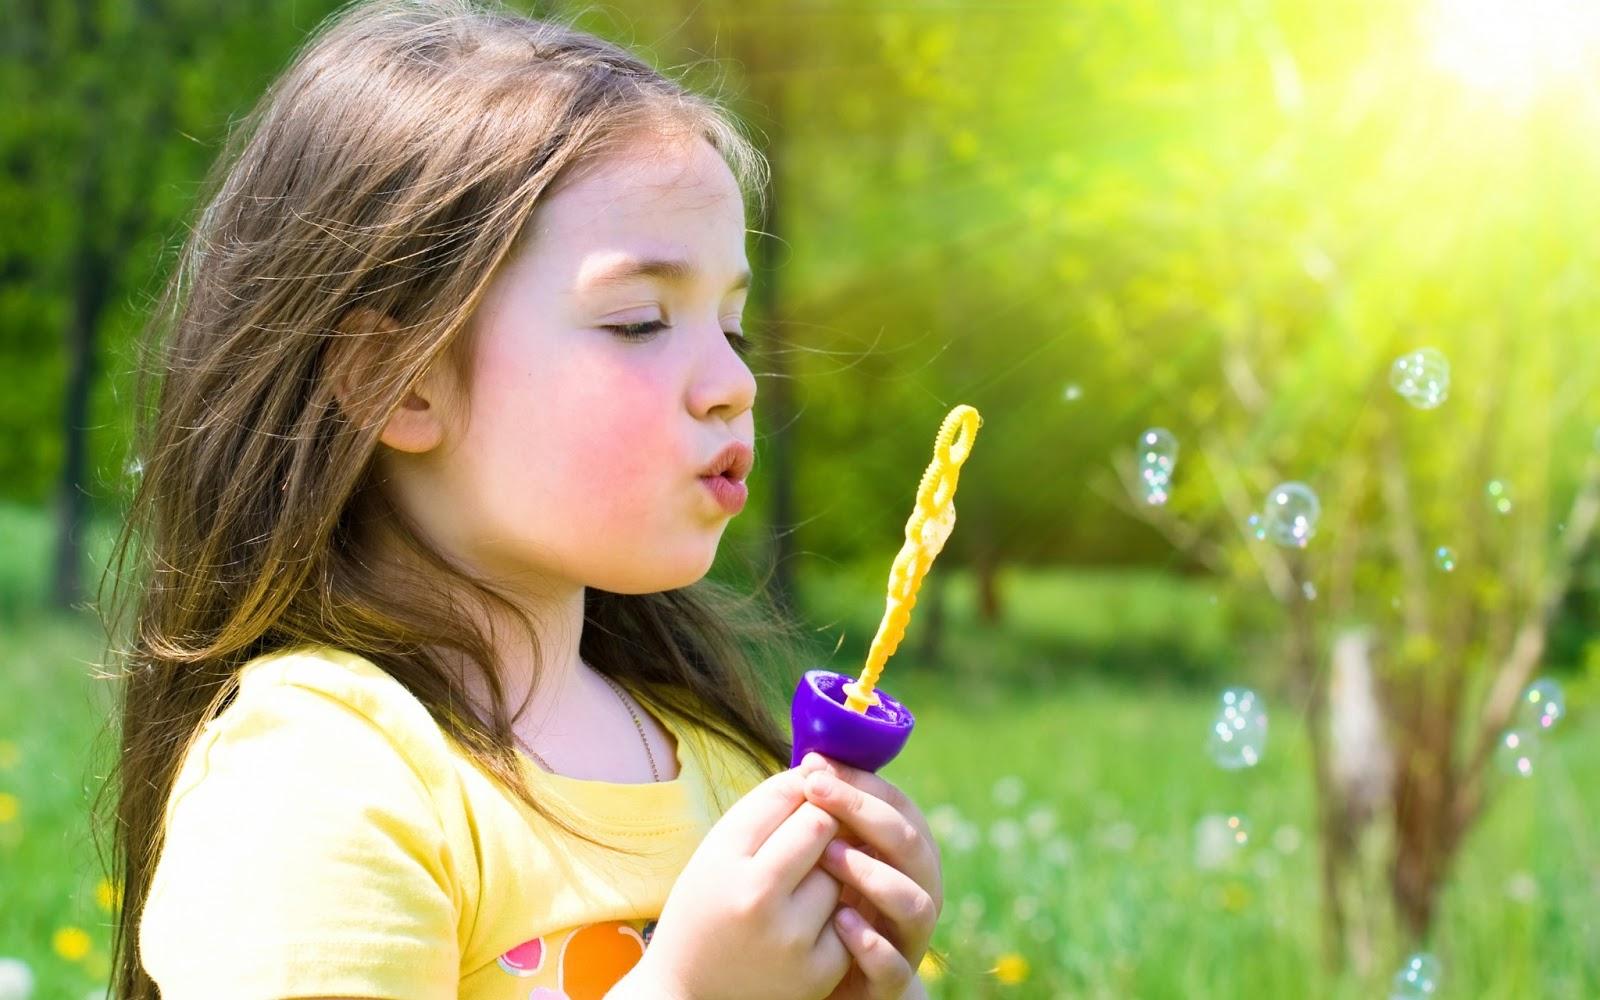 Jugando con burbujas de jab n fotos e im genes en fotoblog x for Top pictures of the day